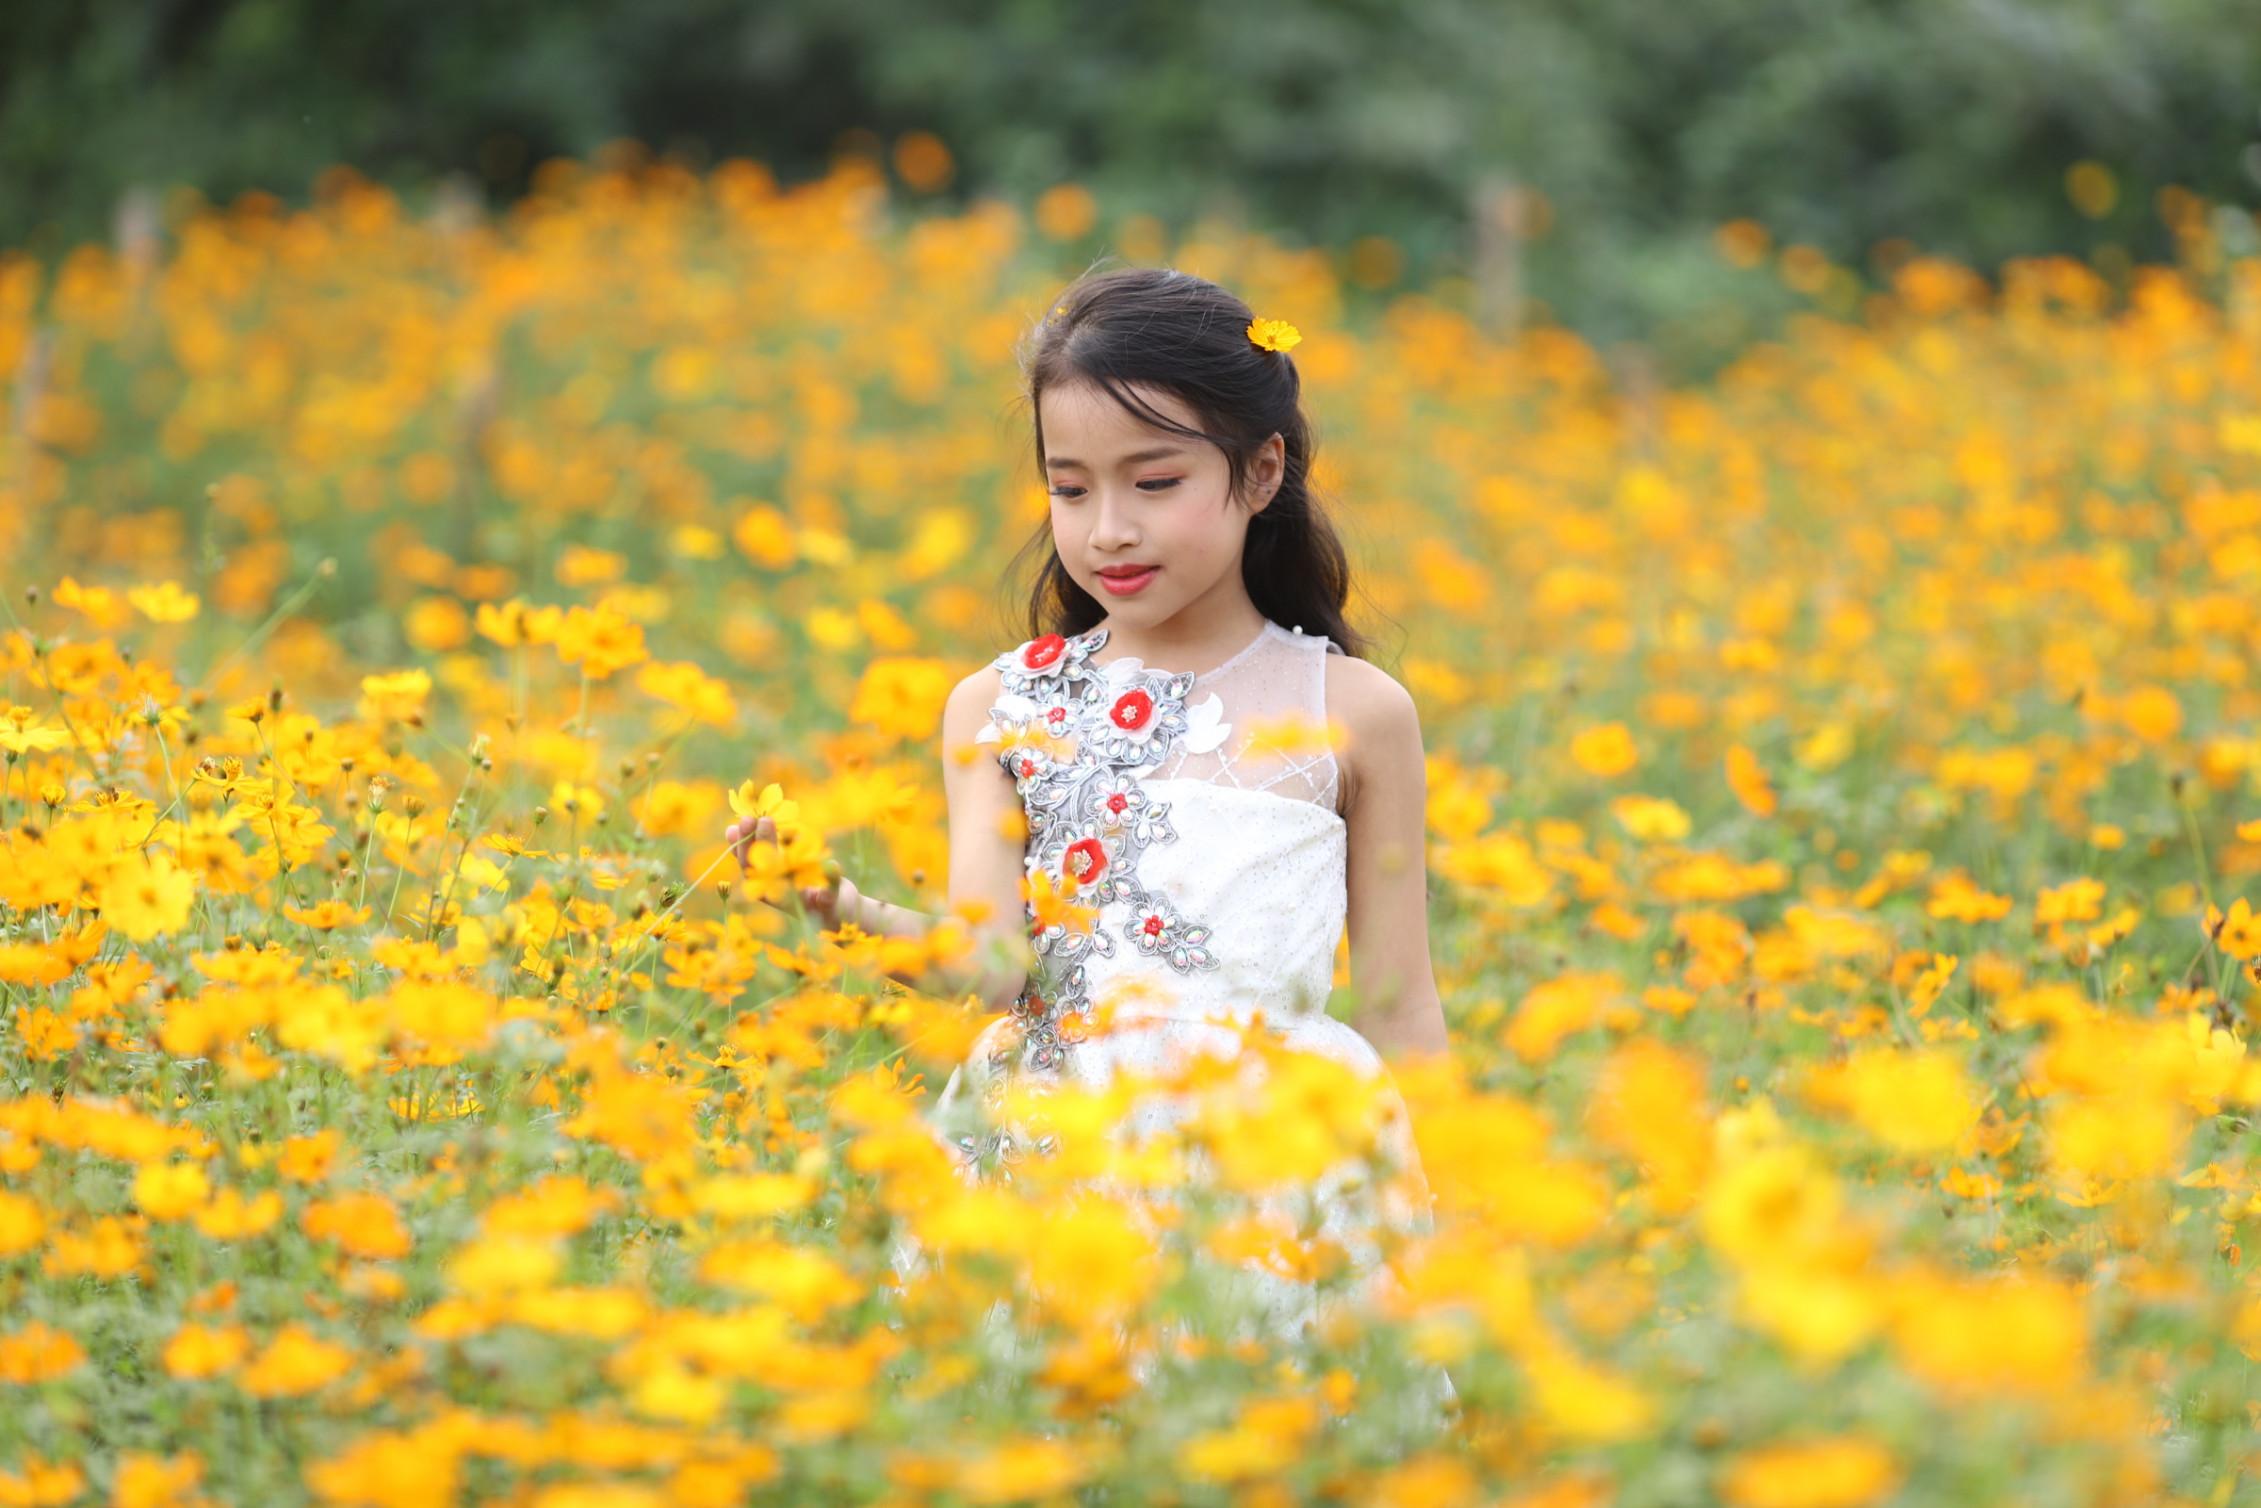 Tài năng nhí Nguyễn Trịnh Anh Thư (thành viên nhóm uốn dẻo Emmy) với bộ váy màu trắng giống một cô công chúa nhỏ trên cánh đồng hoa vàng. Ngoài khả năng uốn dẻo, Catwalk, Anh Thư có gương mặt xinh xắn và dịu dàng nên mới đây, cô bé được VTV mời tham gia đóng minh họa trong các phóng sự nhân vật.